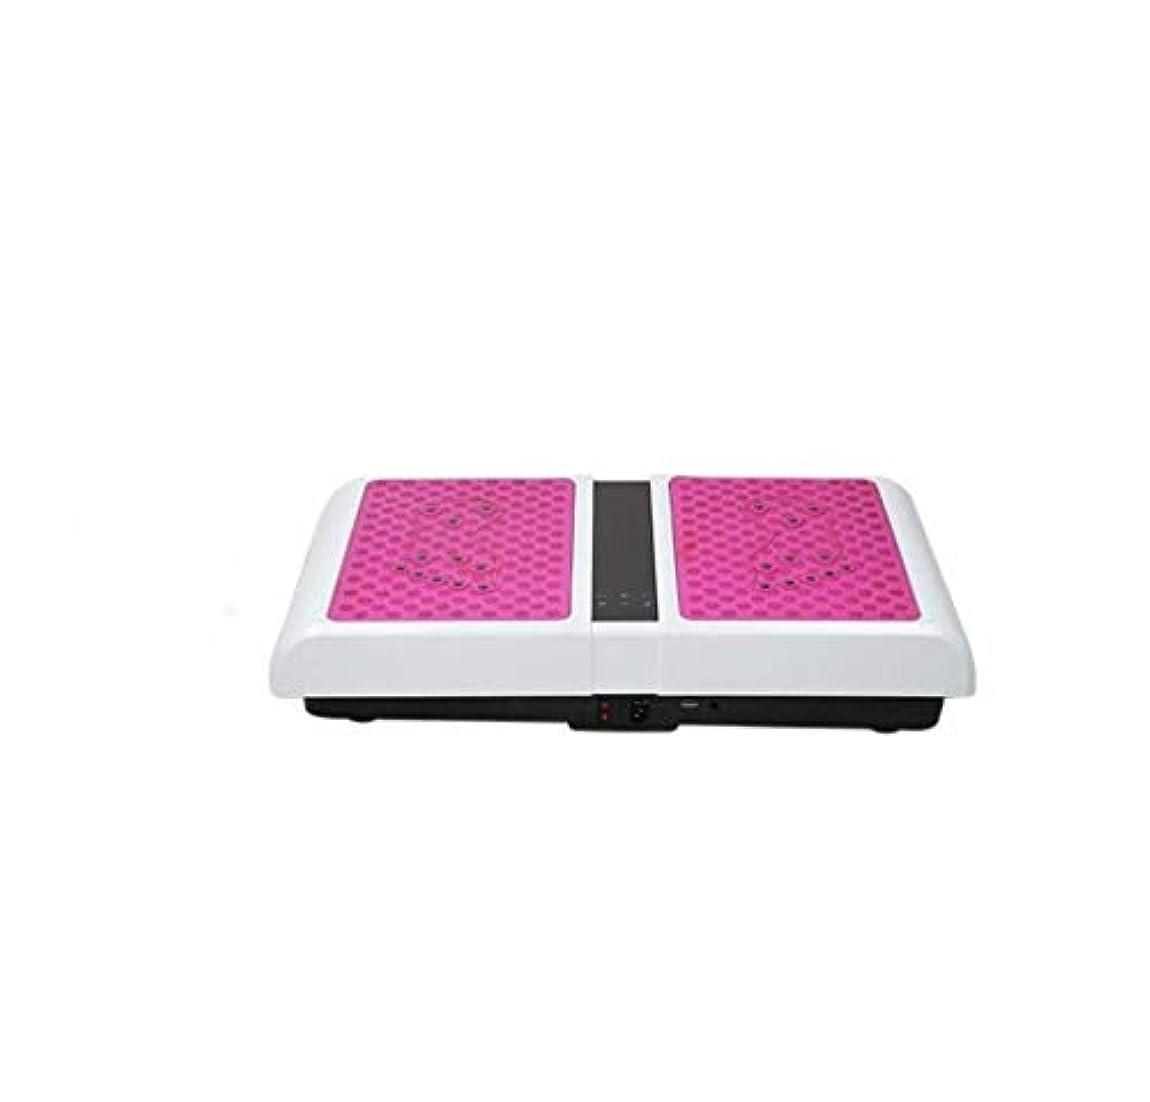 素子インディカ地上で減量機、運動衝撃吸収フィットネスモデル減量機ユニセックス振動板、家族/ジムに適しています(最大負荷150KG) (Color : ピンク)